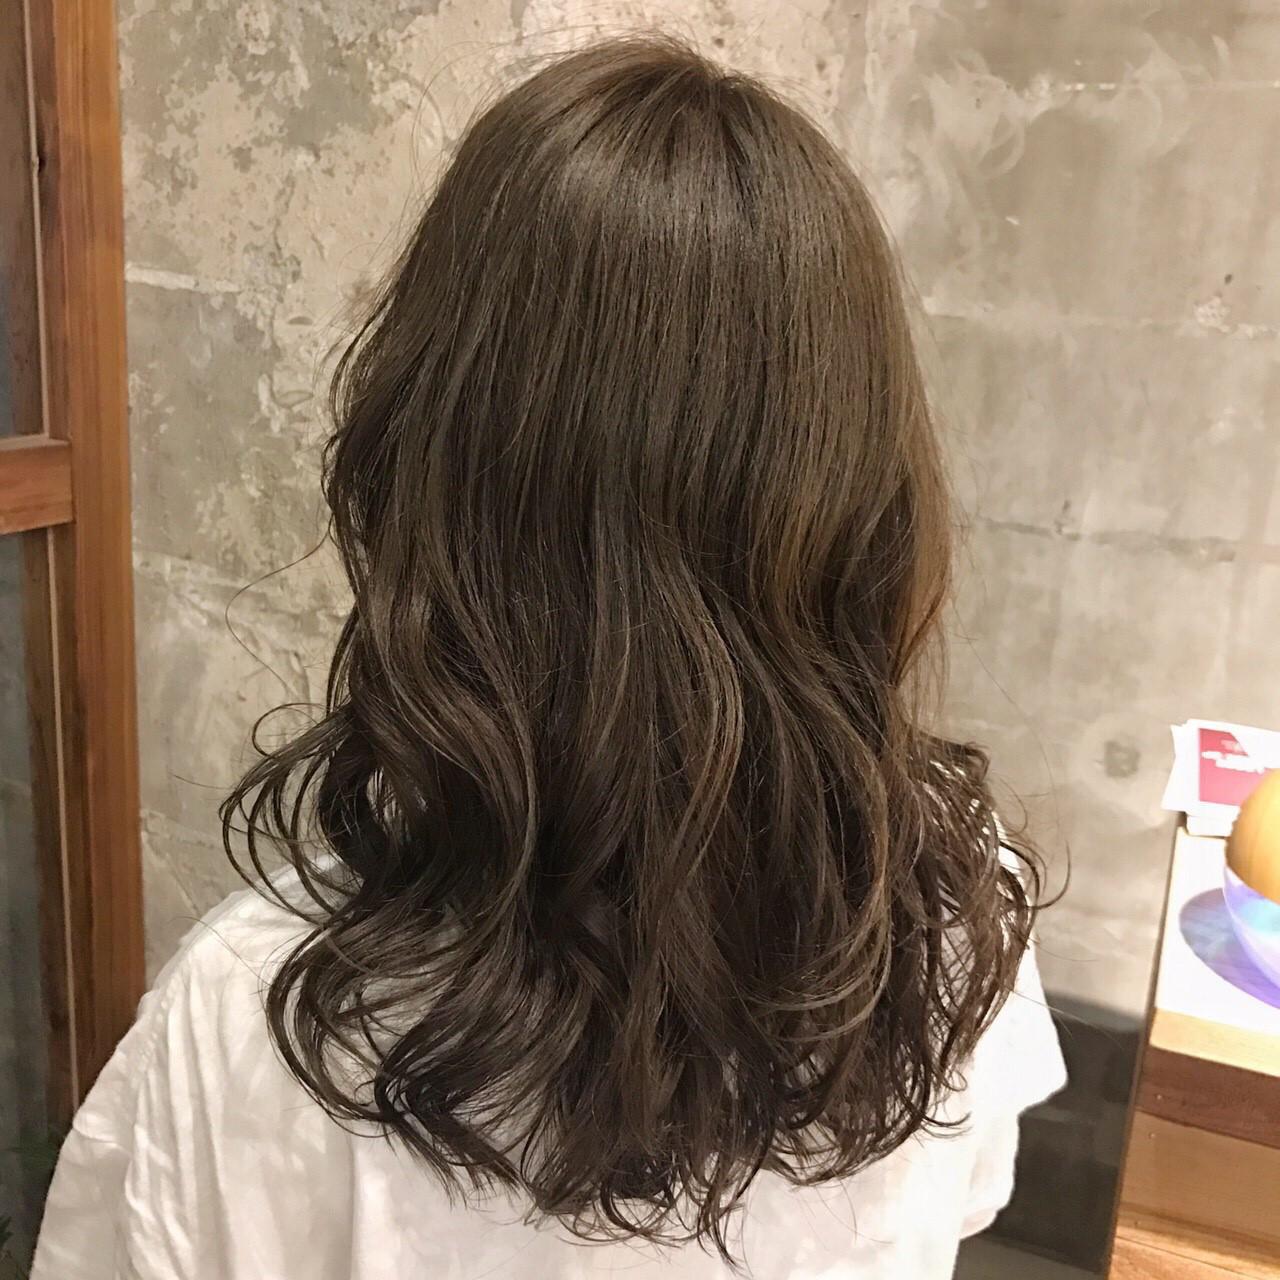 ロング ブラウンベージュ ヌーディベージュ フェミニンヘアスタイルや髪型の写真・画像